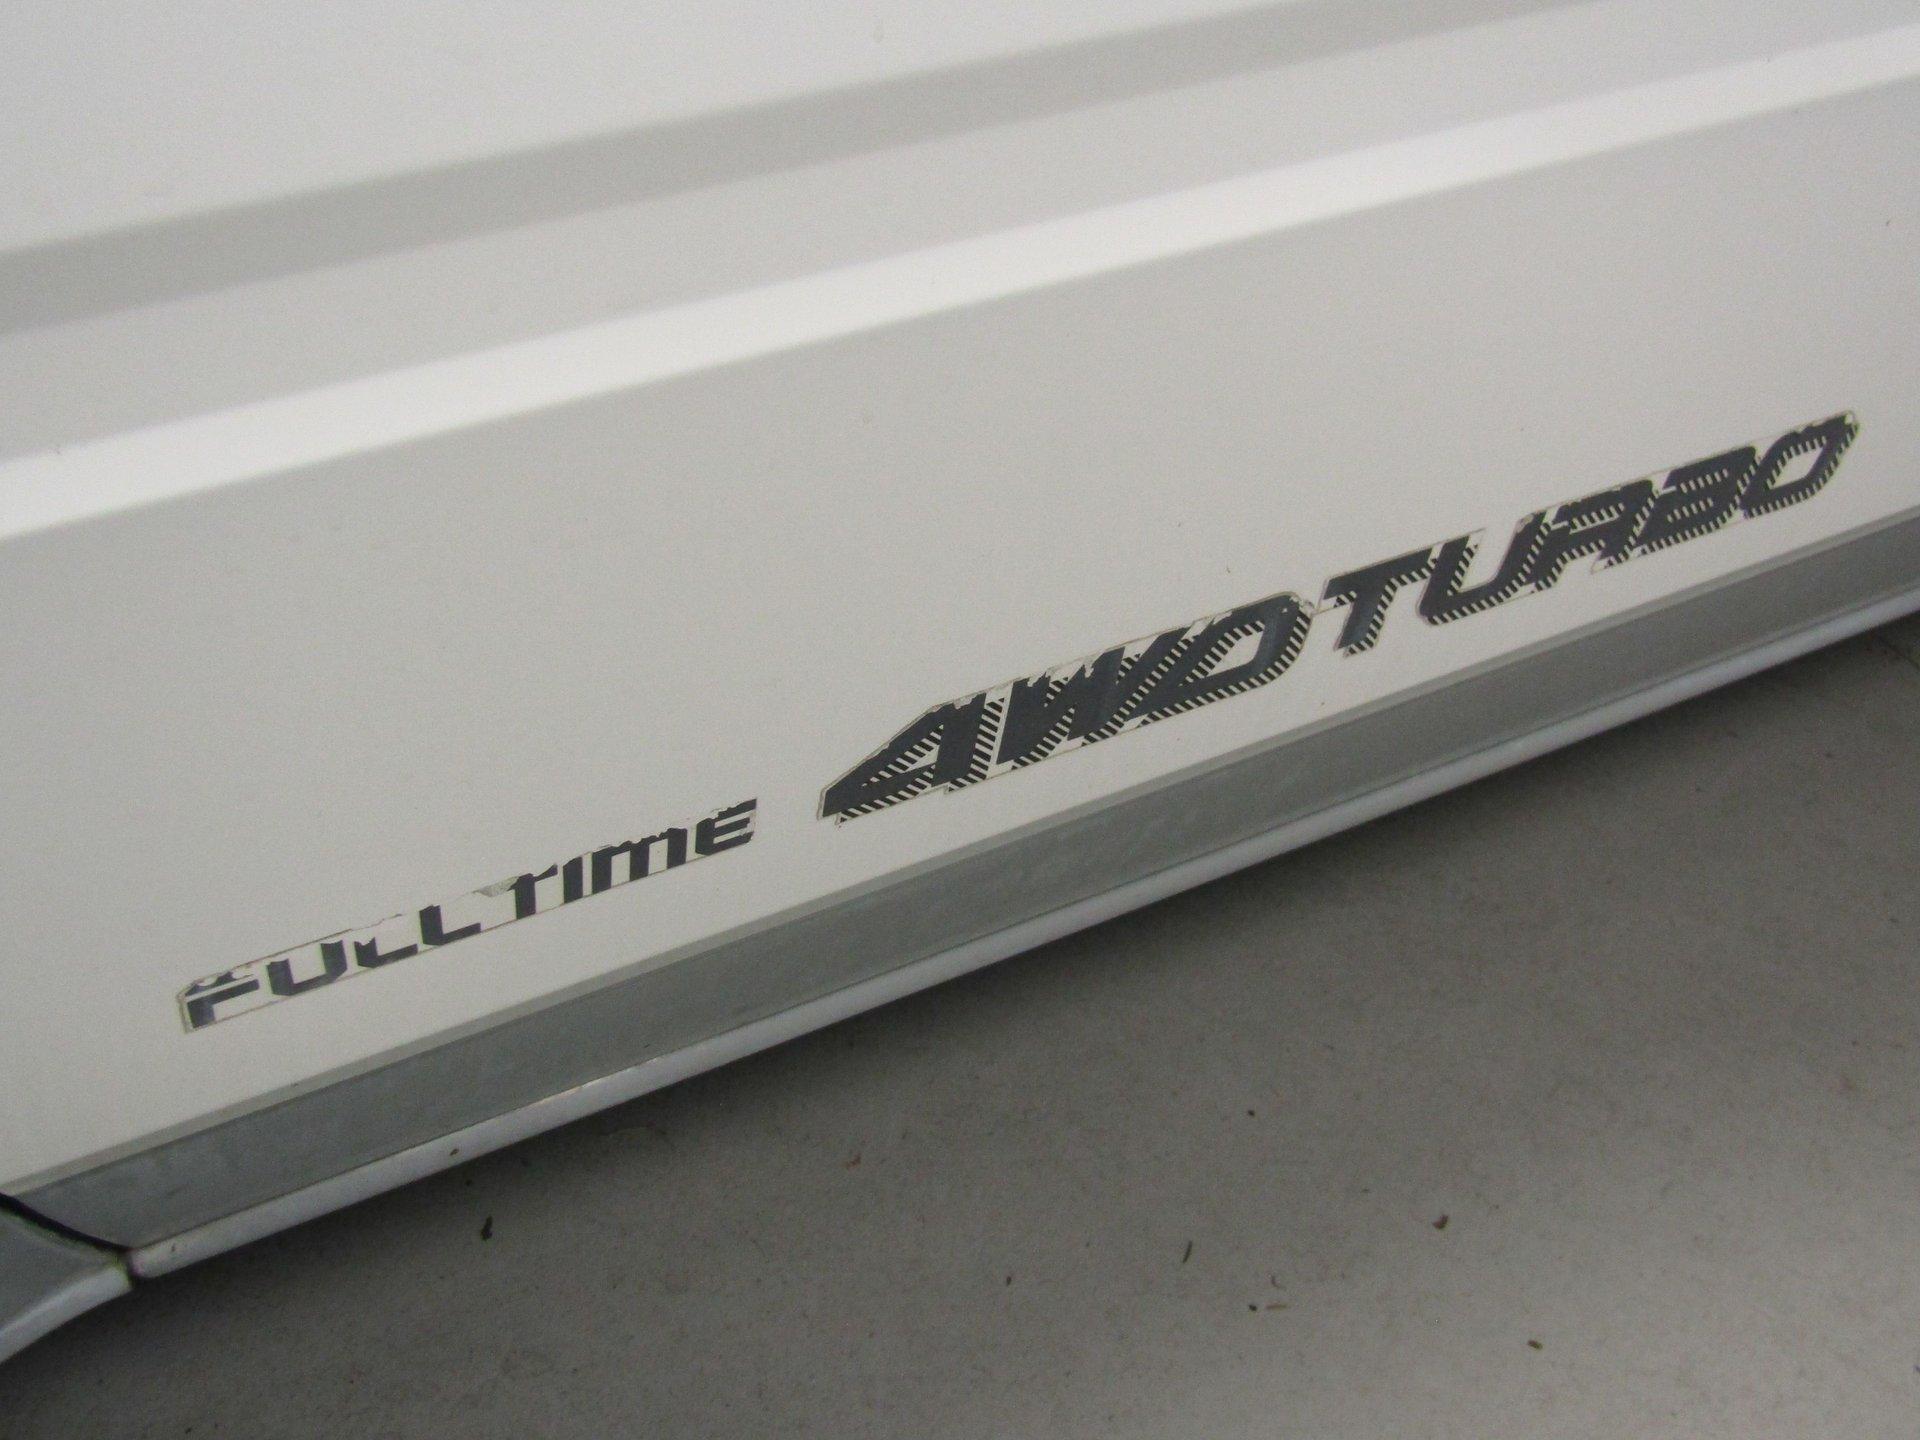 1987 Subaru Alcyone